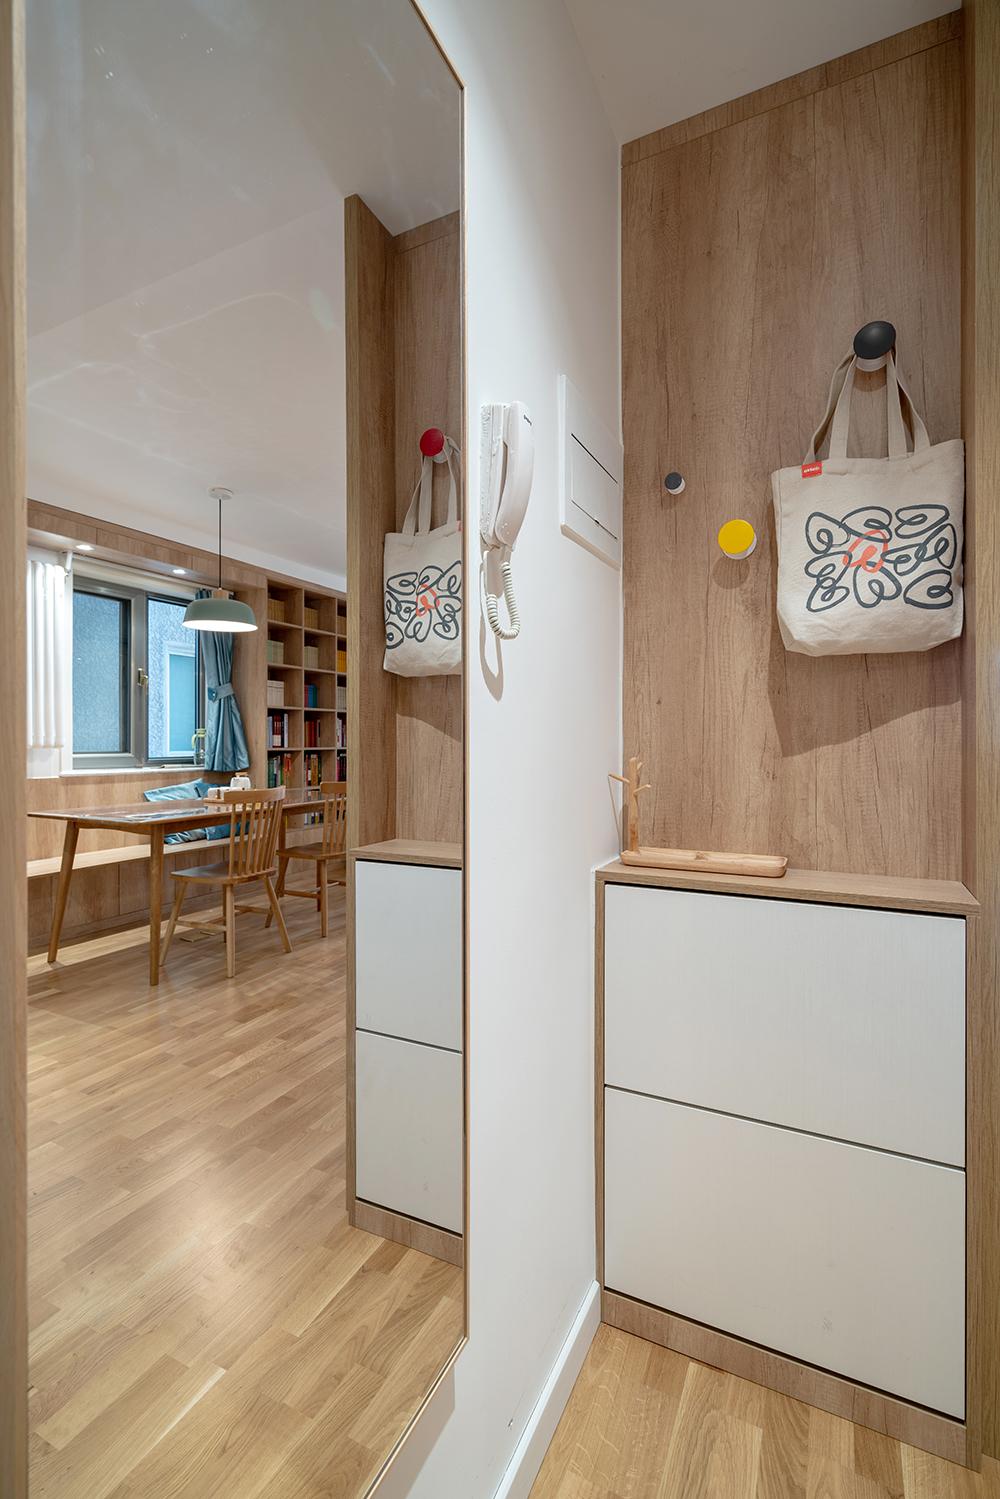 「久栖设计」三个孩子的阅读习惯从娃娃抓起,他们竟然把图书馆搬回了家